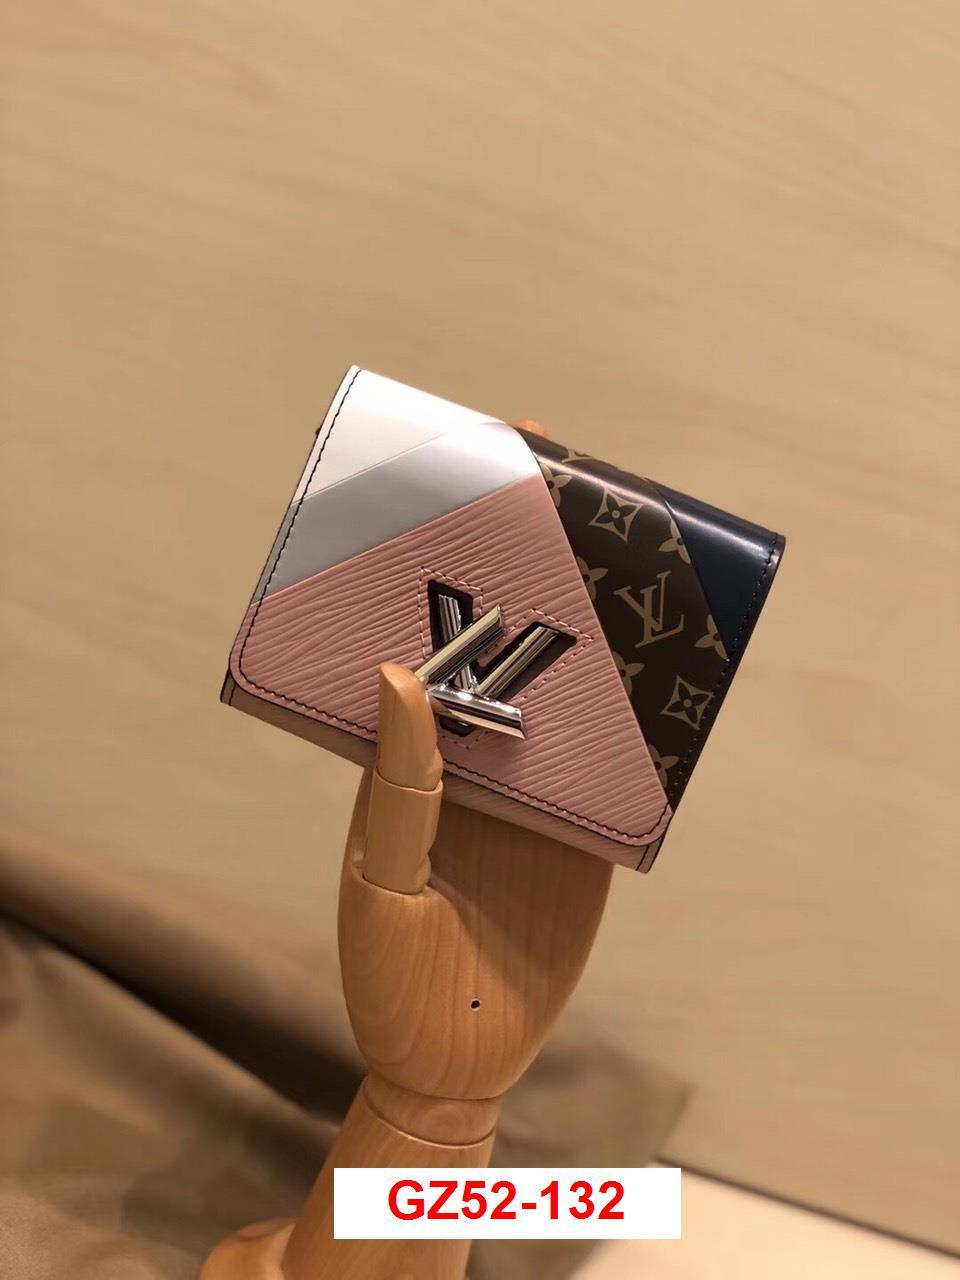 GZ52-132 Louis Vuitton túi ví size 12cm siêu cấp